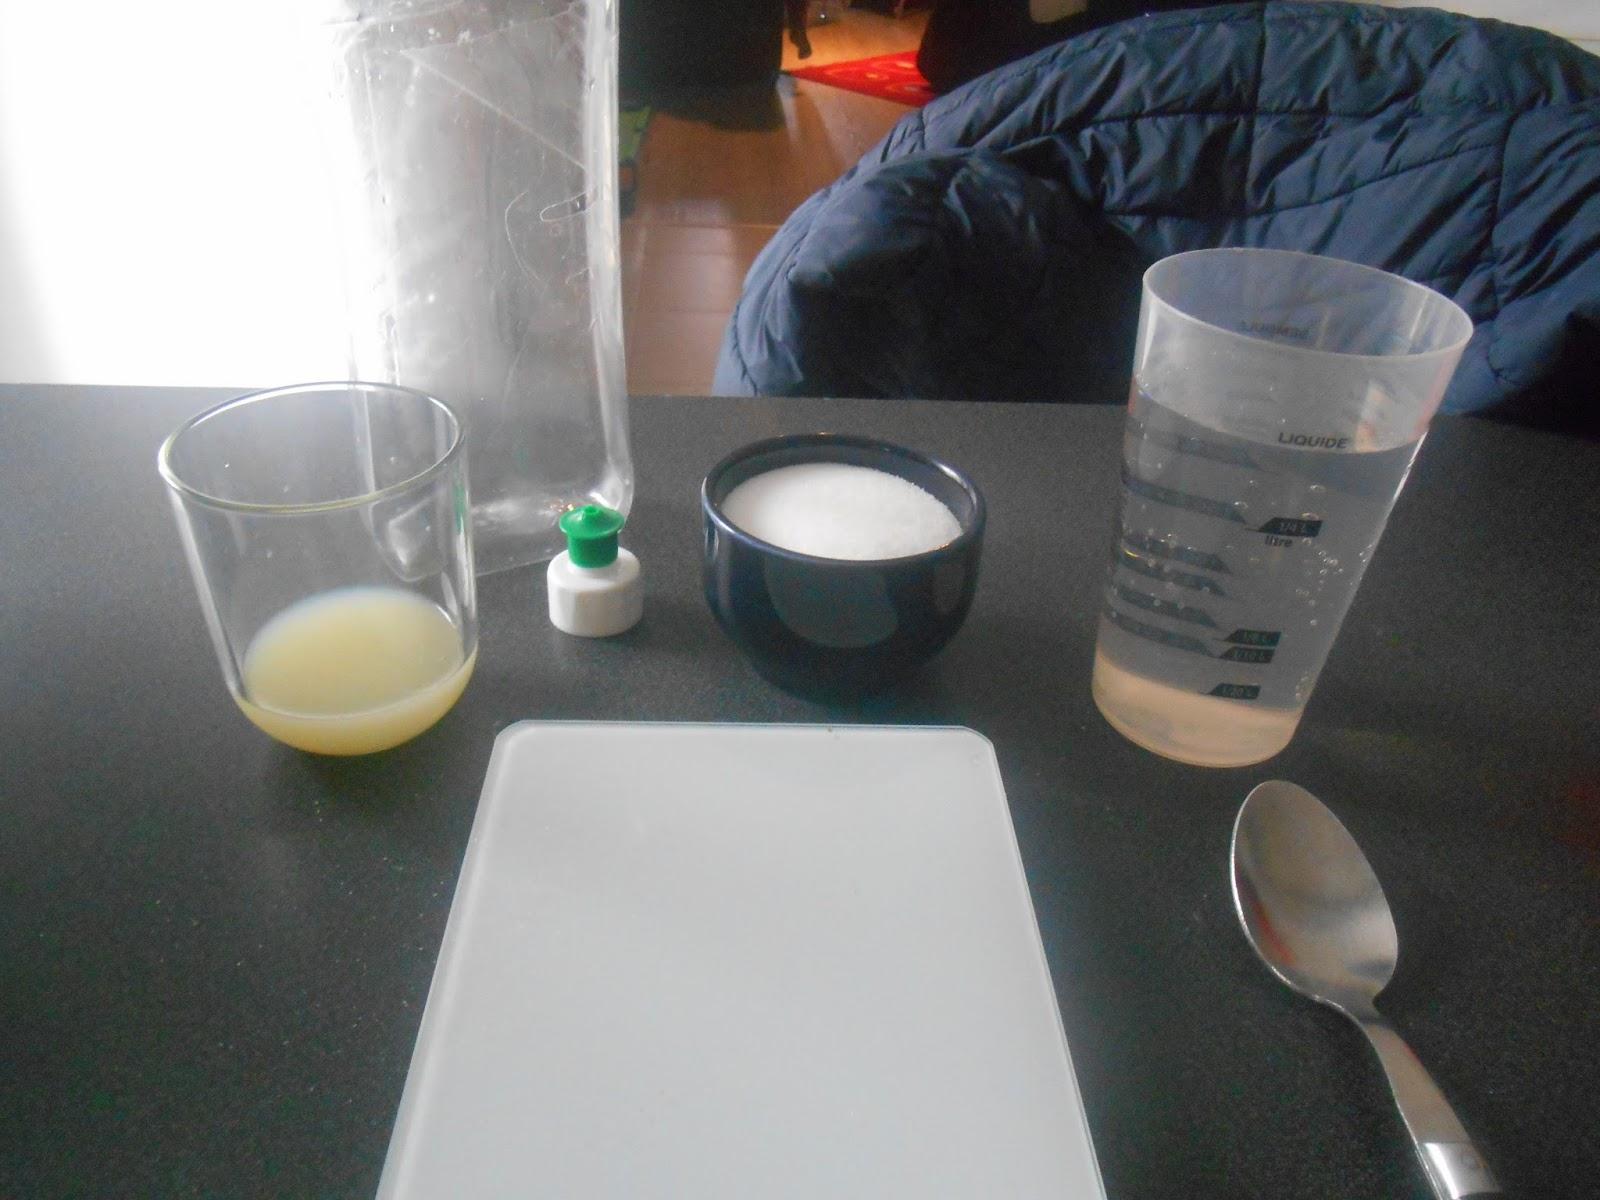 Les trouvailles de lilona liquide pour lave vaisselle diy for Nettoyage lave vaisselle bicarbonate